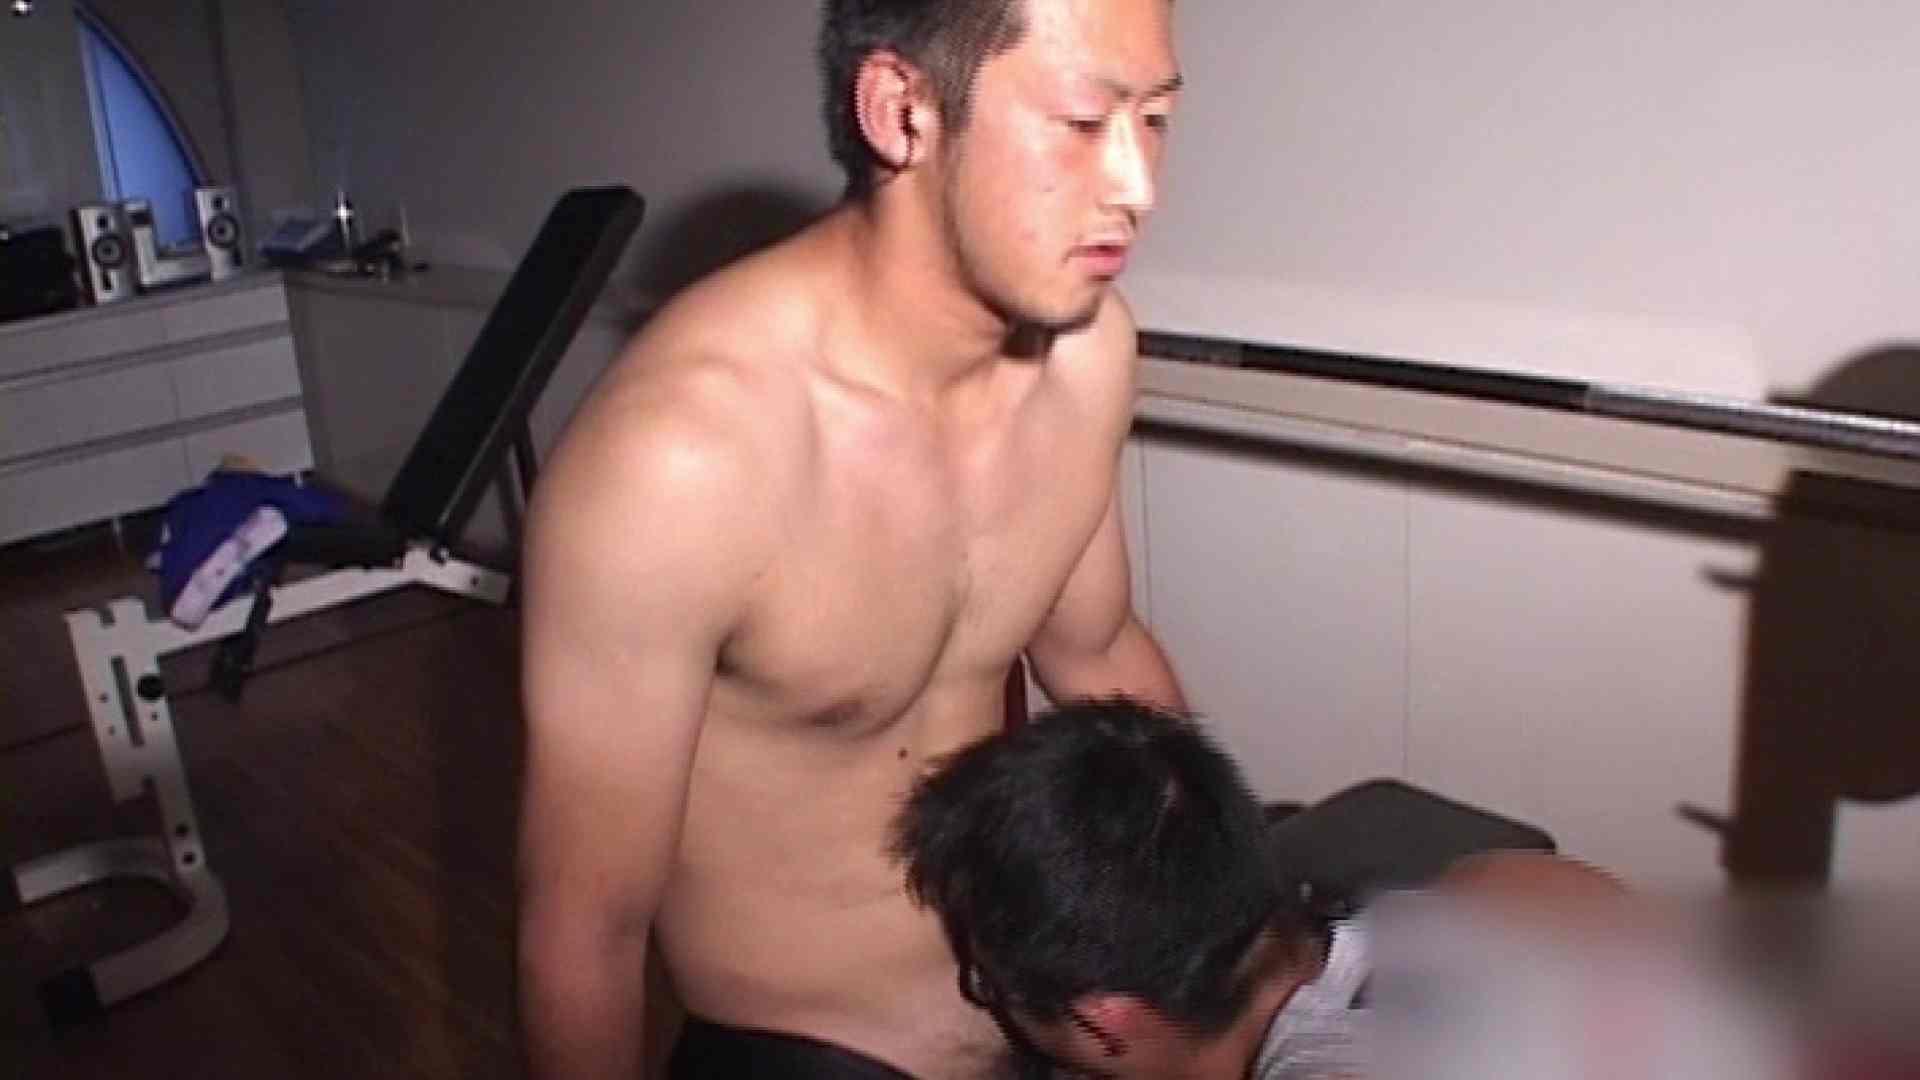 筋肉バカのおてぃんてぃんはほとんどゲイだからぁ…vol.1 肉食系メンズ ゲイ流出動画キャプチャ 14画像 12